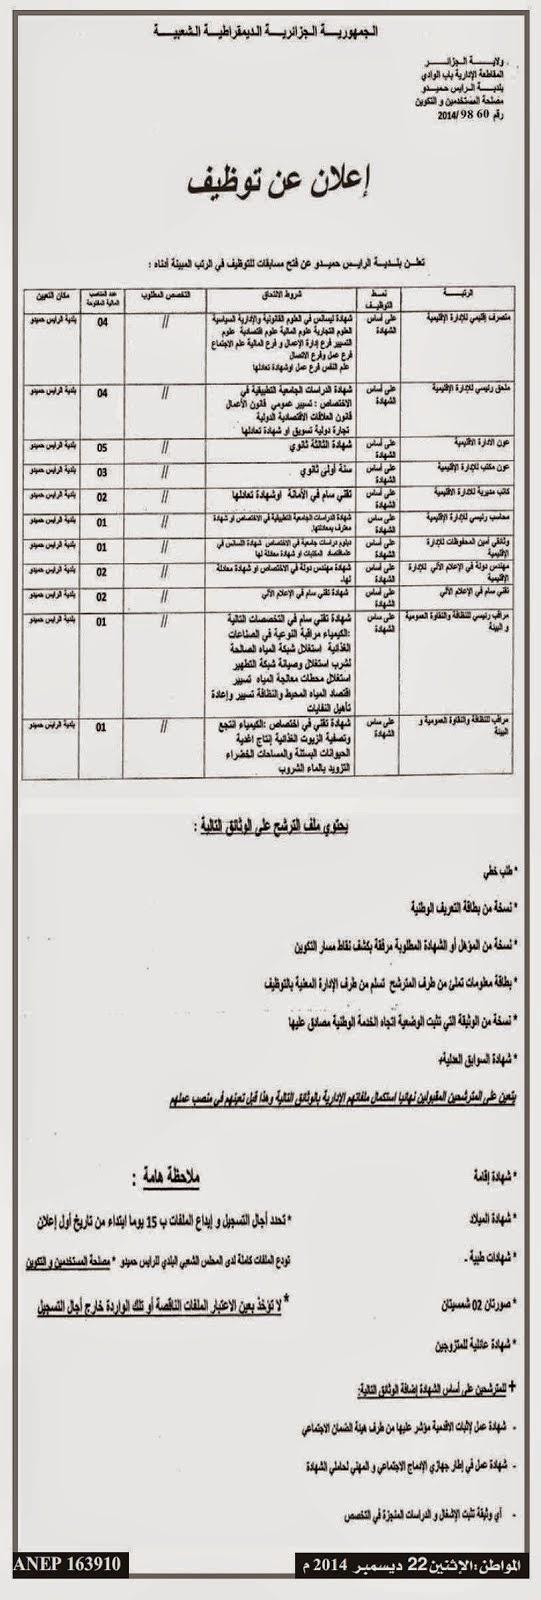 اعلان توظيف 26 منصب ببلديةالرايس حميدو ولاية الجزائر